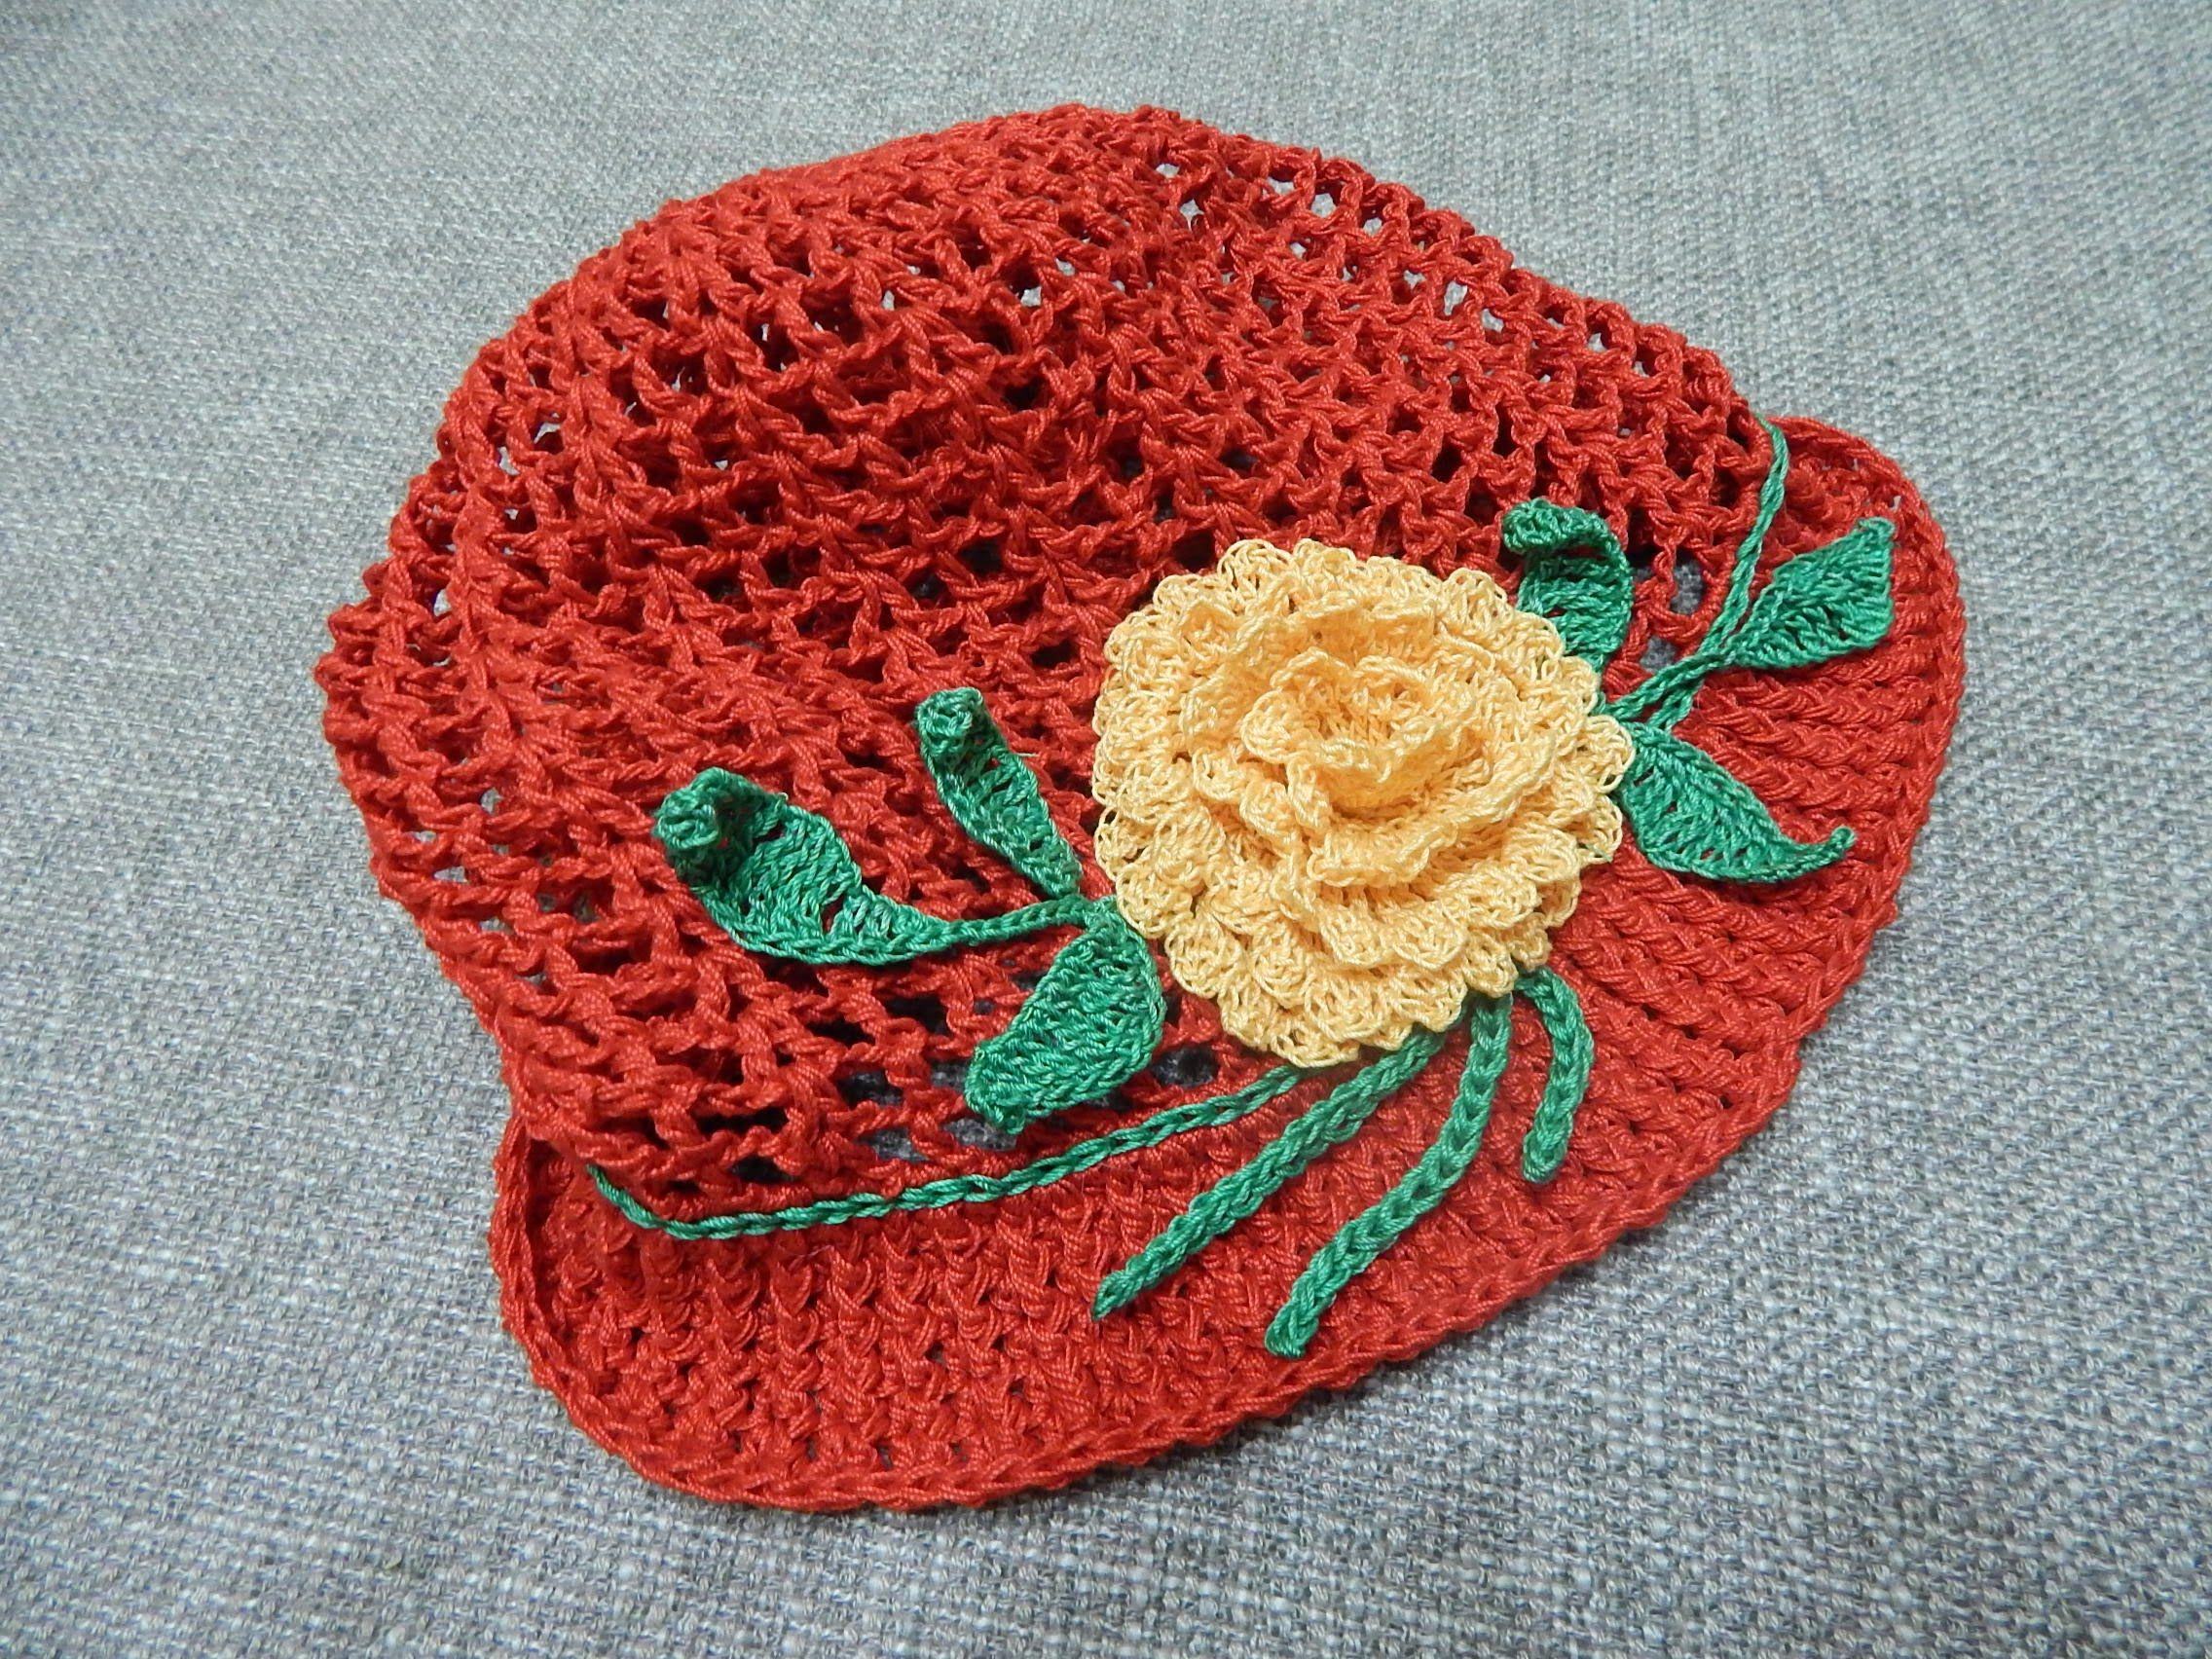 Asombroso Enlace Patrón De Crochet Sombrero Friso - Manta de Tejer ...